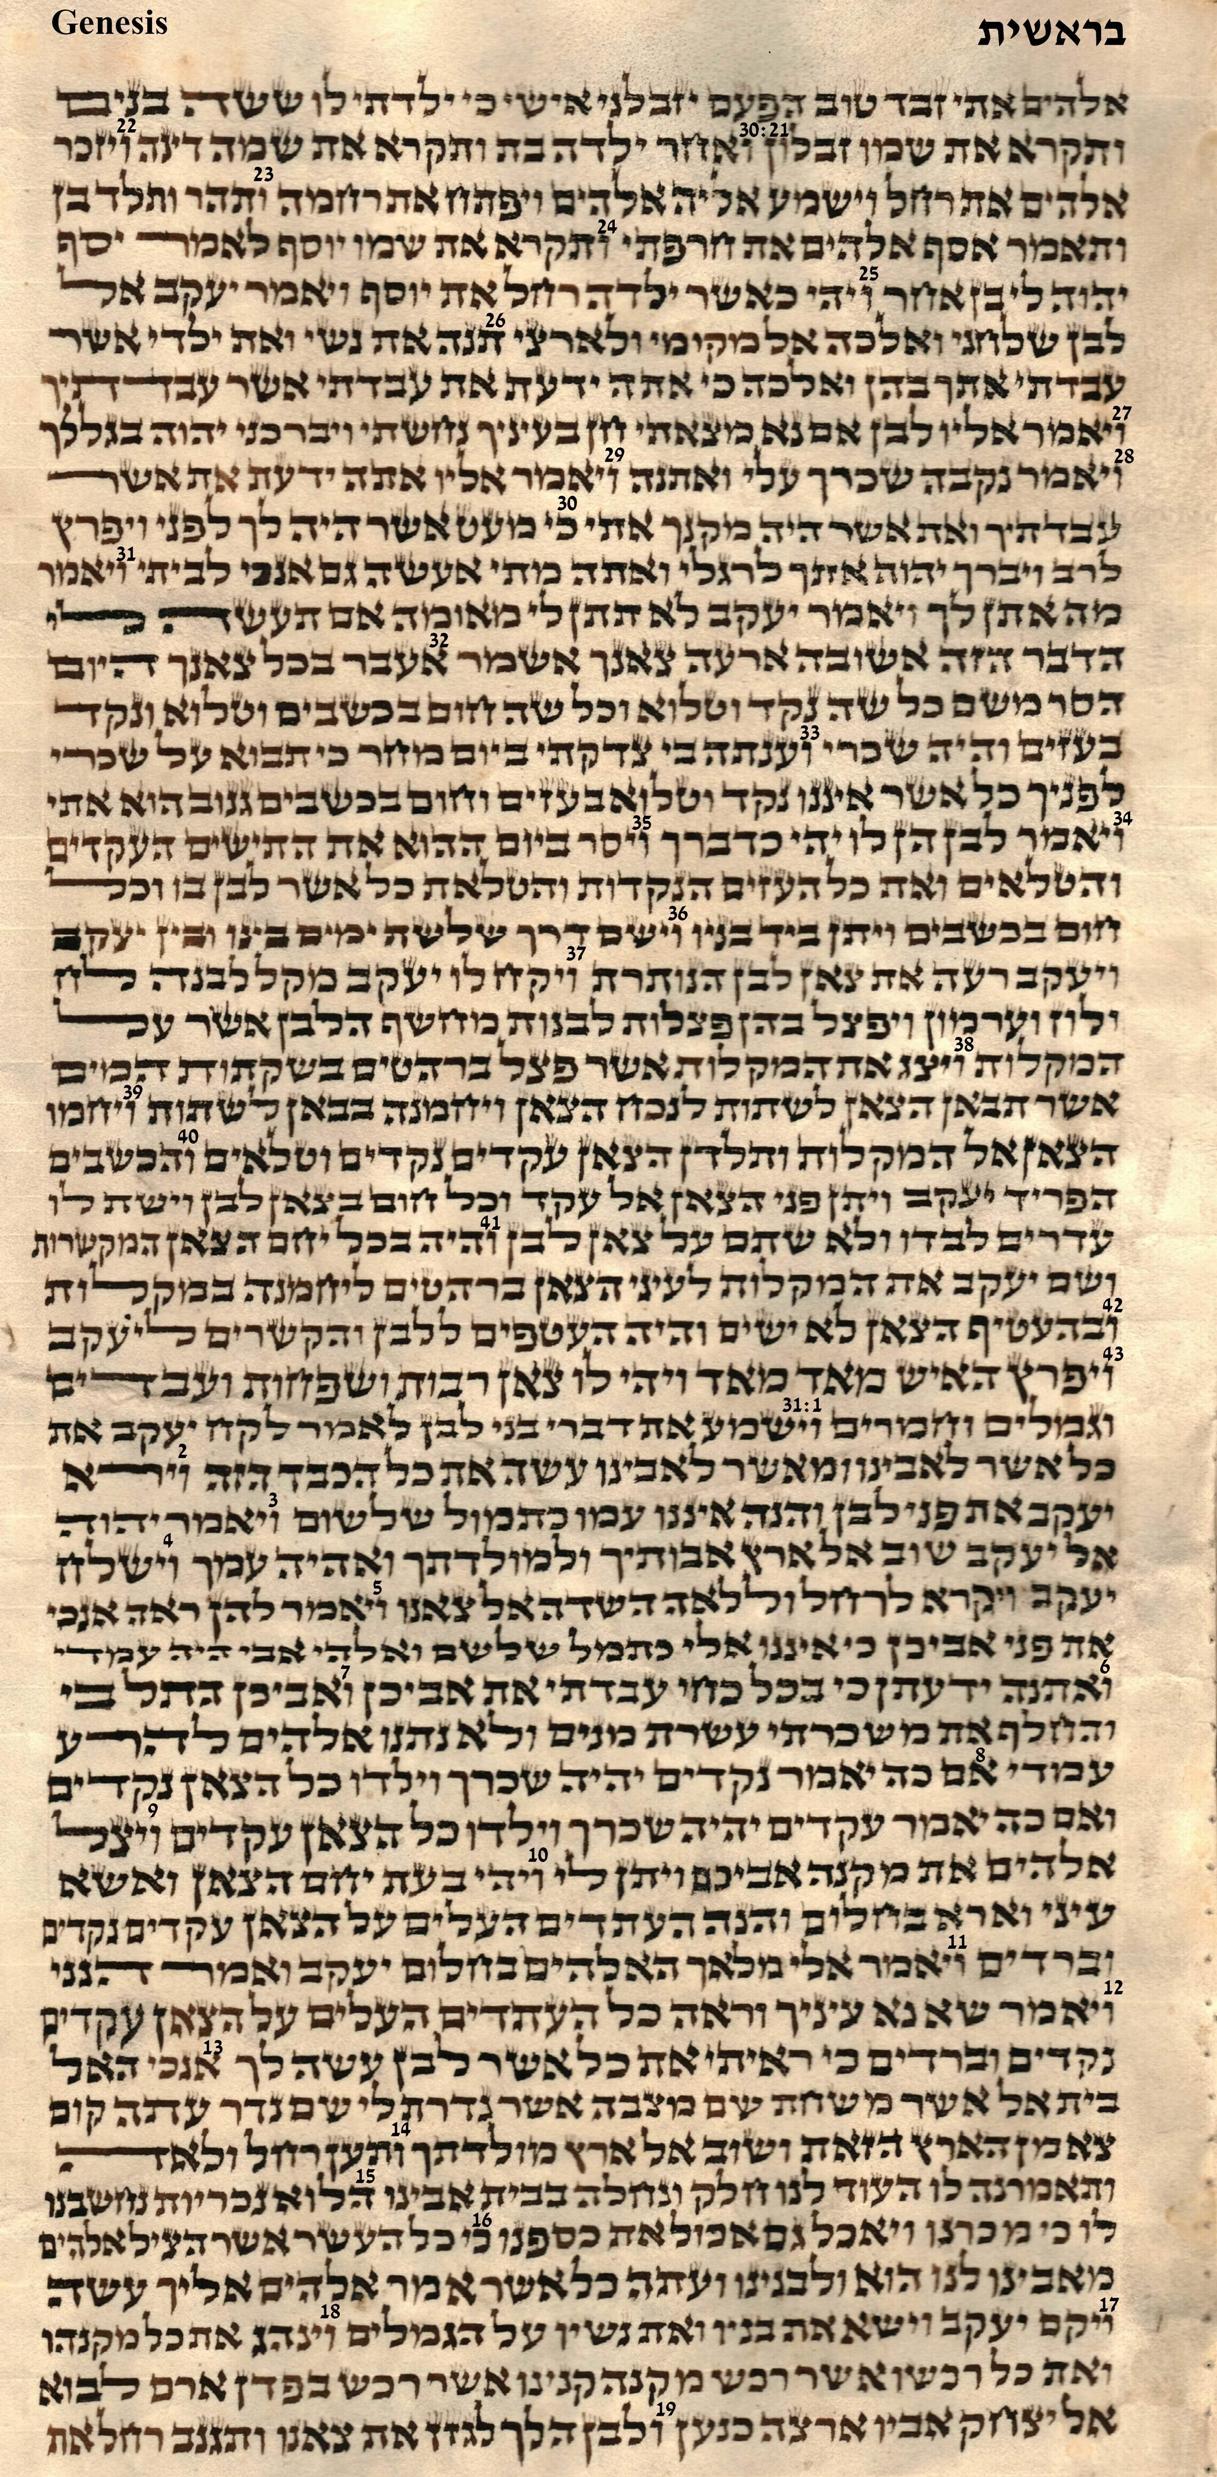 Genesis 30.21 - 31.19